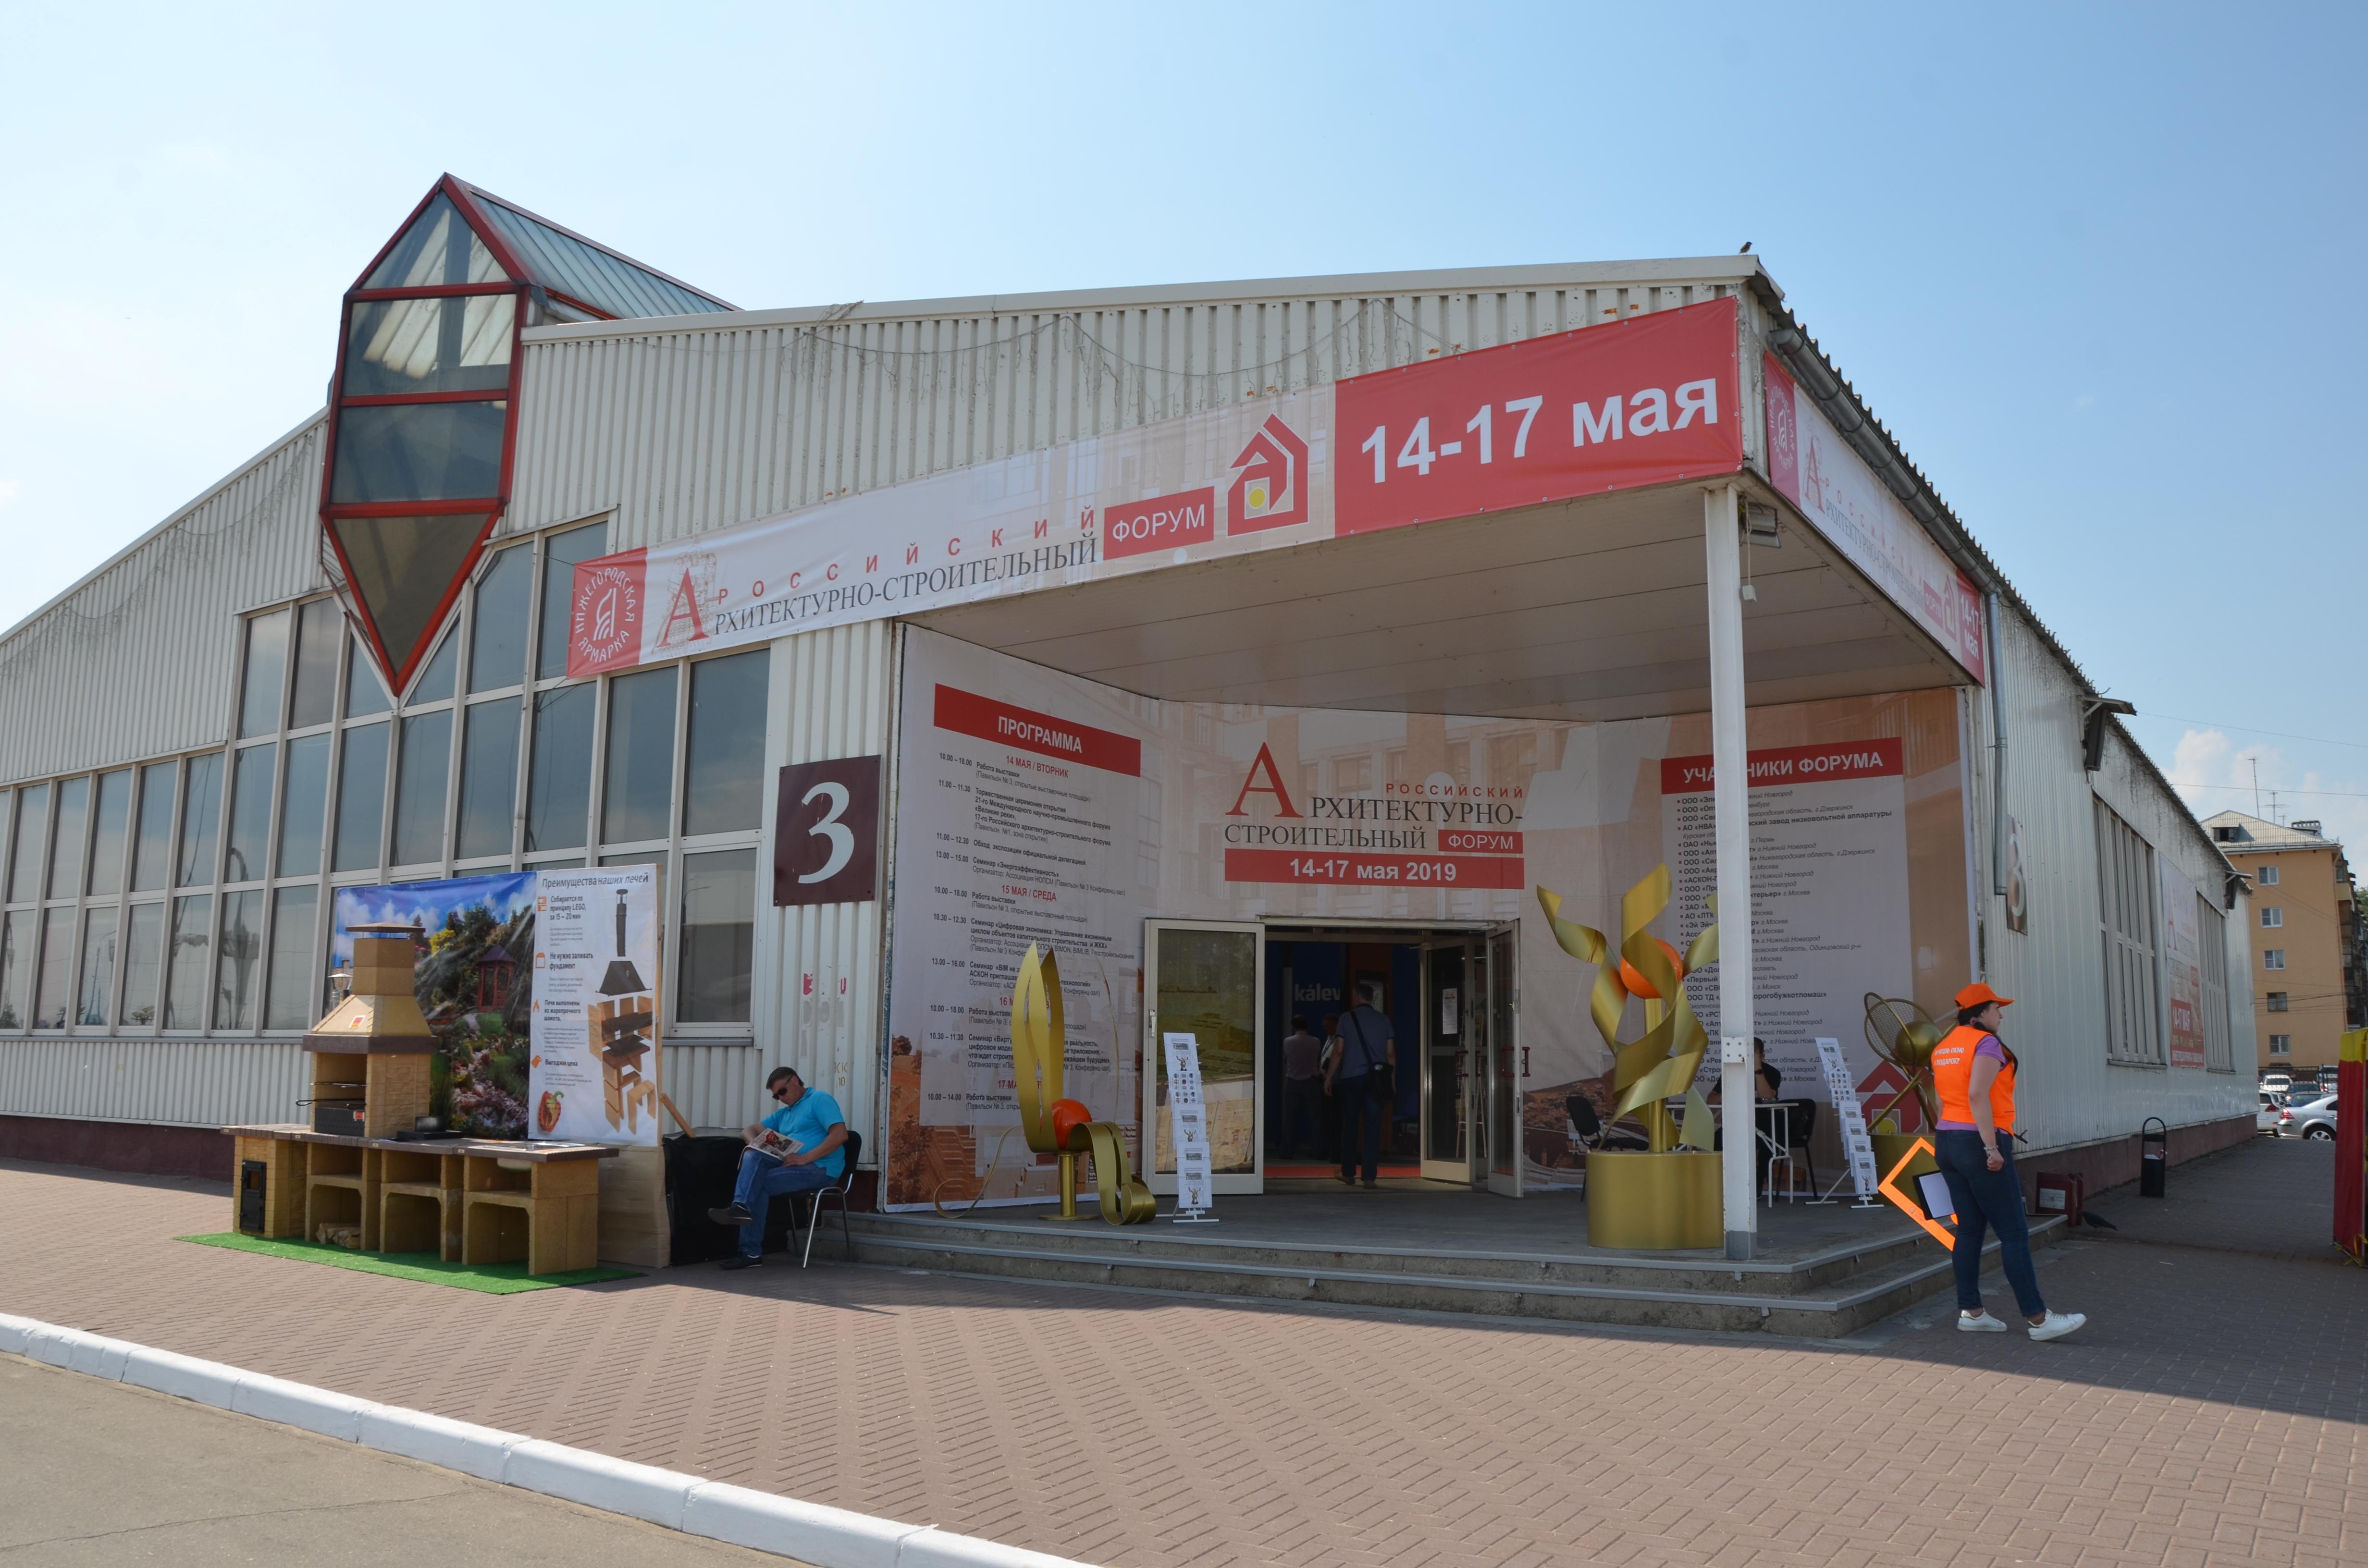 Выставка Российского архитектурно-строительного форума заработала на Нижегородской ярмарке - фото 1